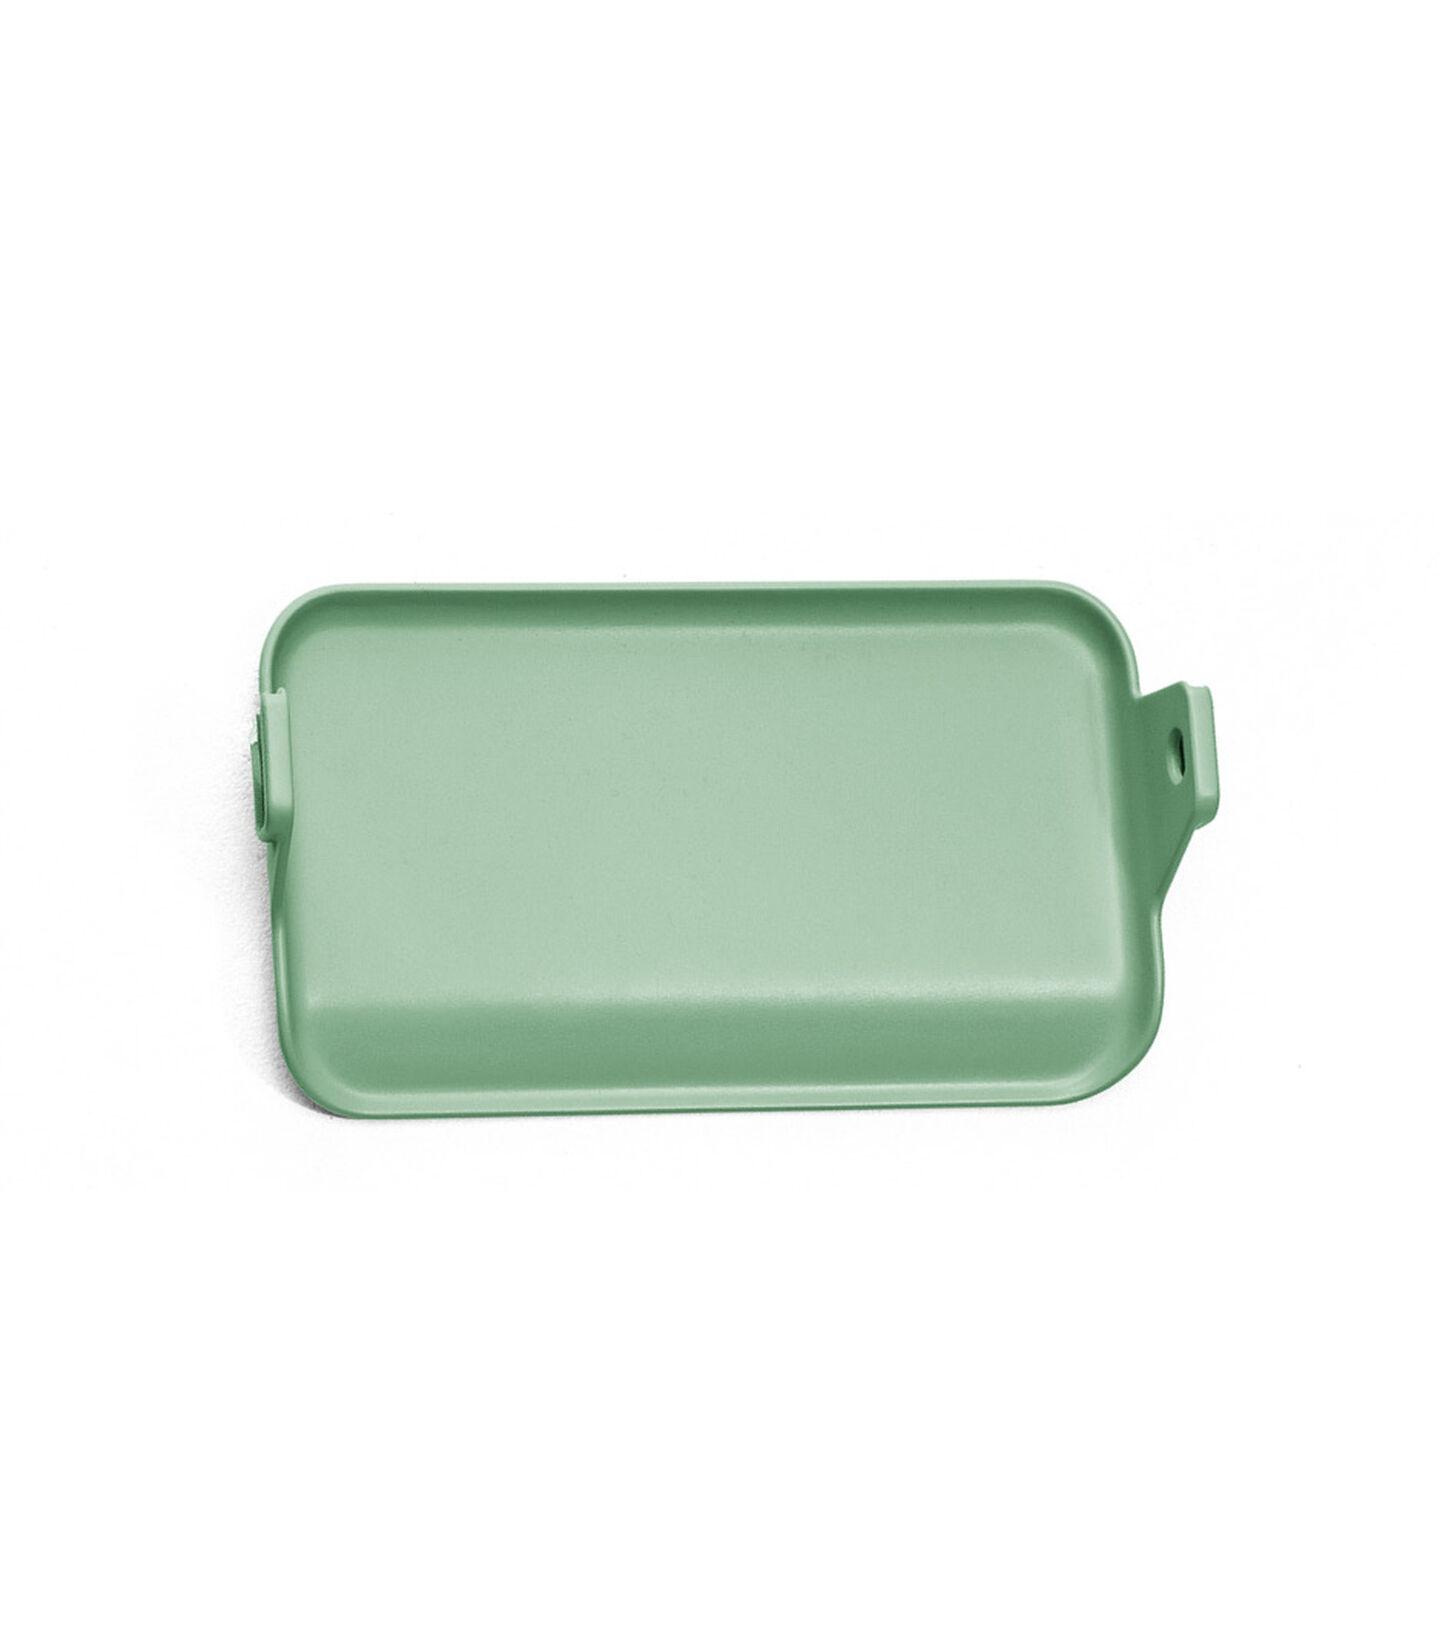 Podnóżek Stokke® Clikk™ Clover Green, Clover Green, mainview